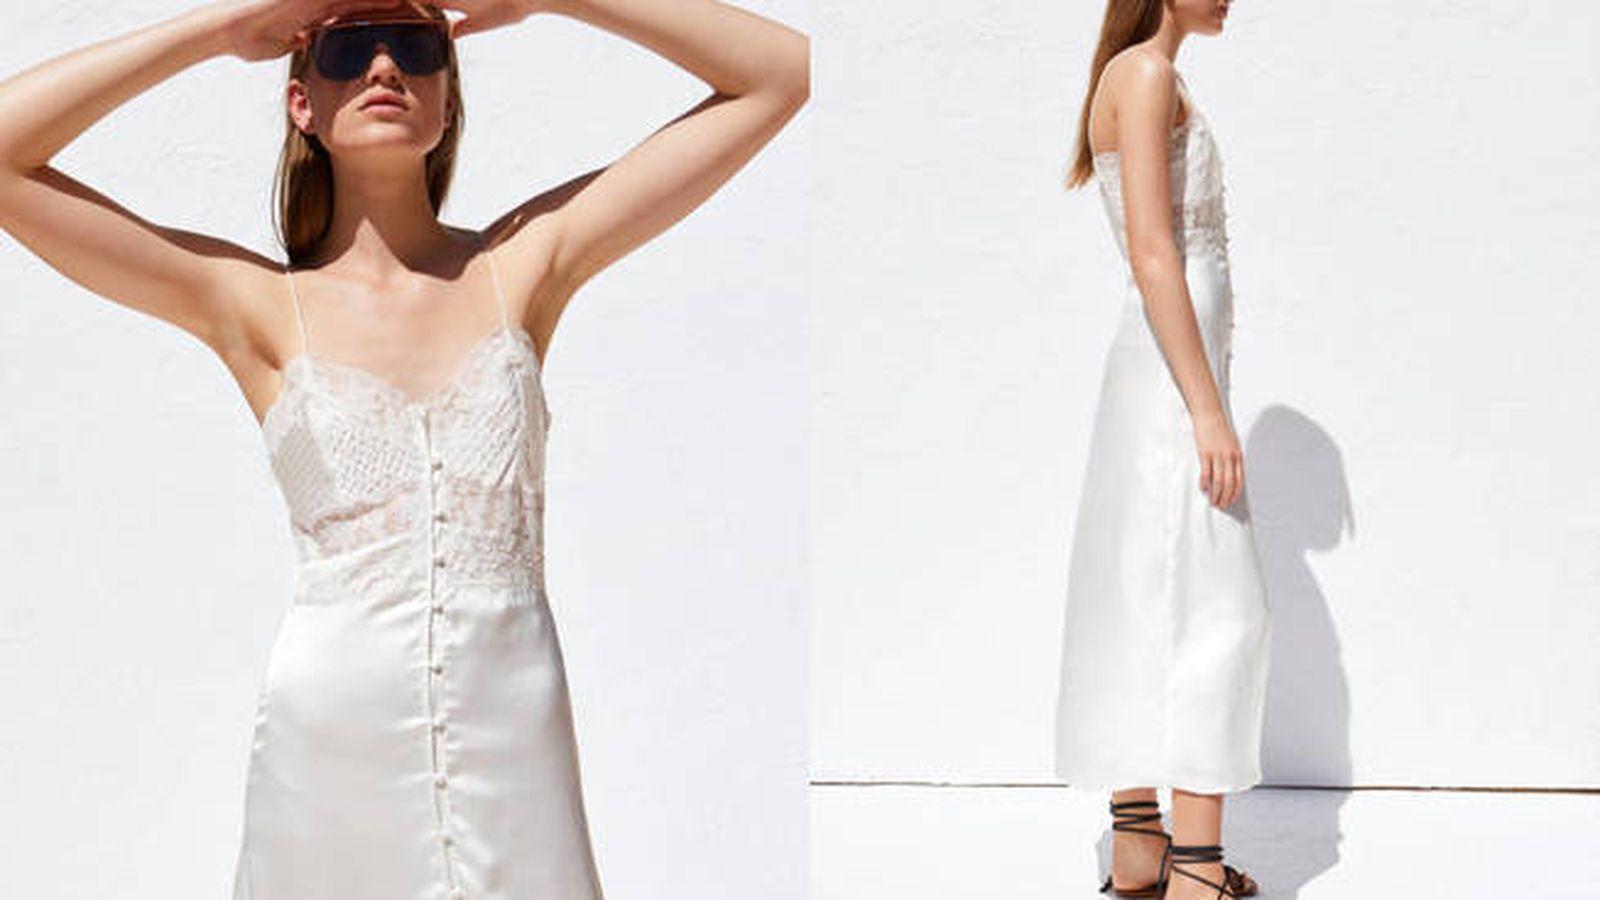 Foto: El vestido de novia 'low low low cost' que quieres. (Cortesía)